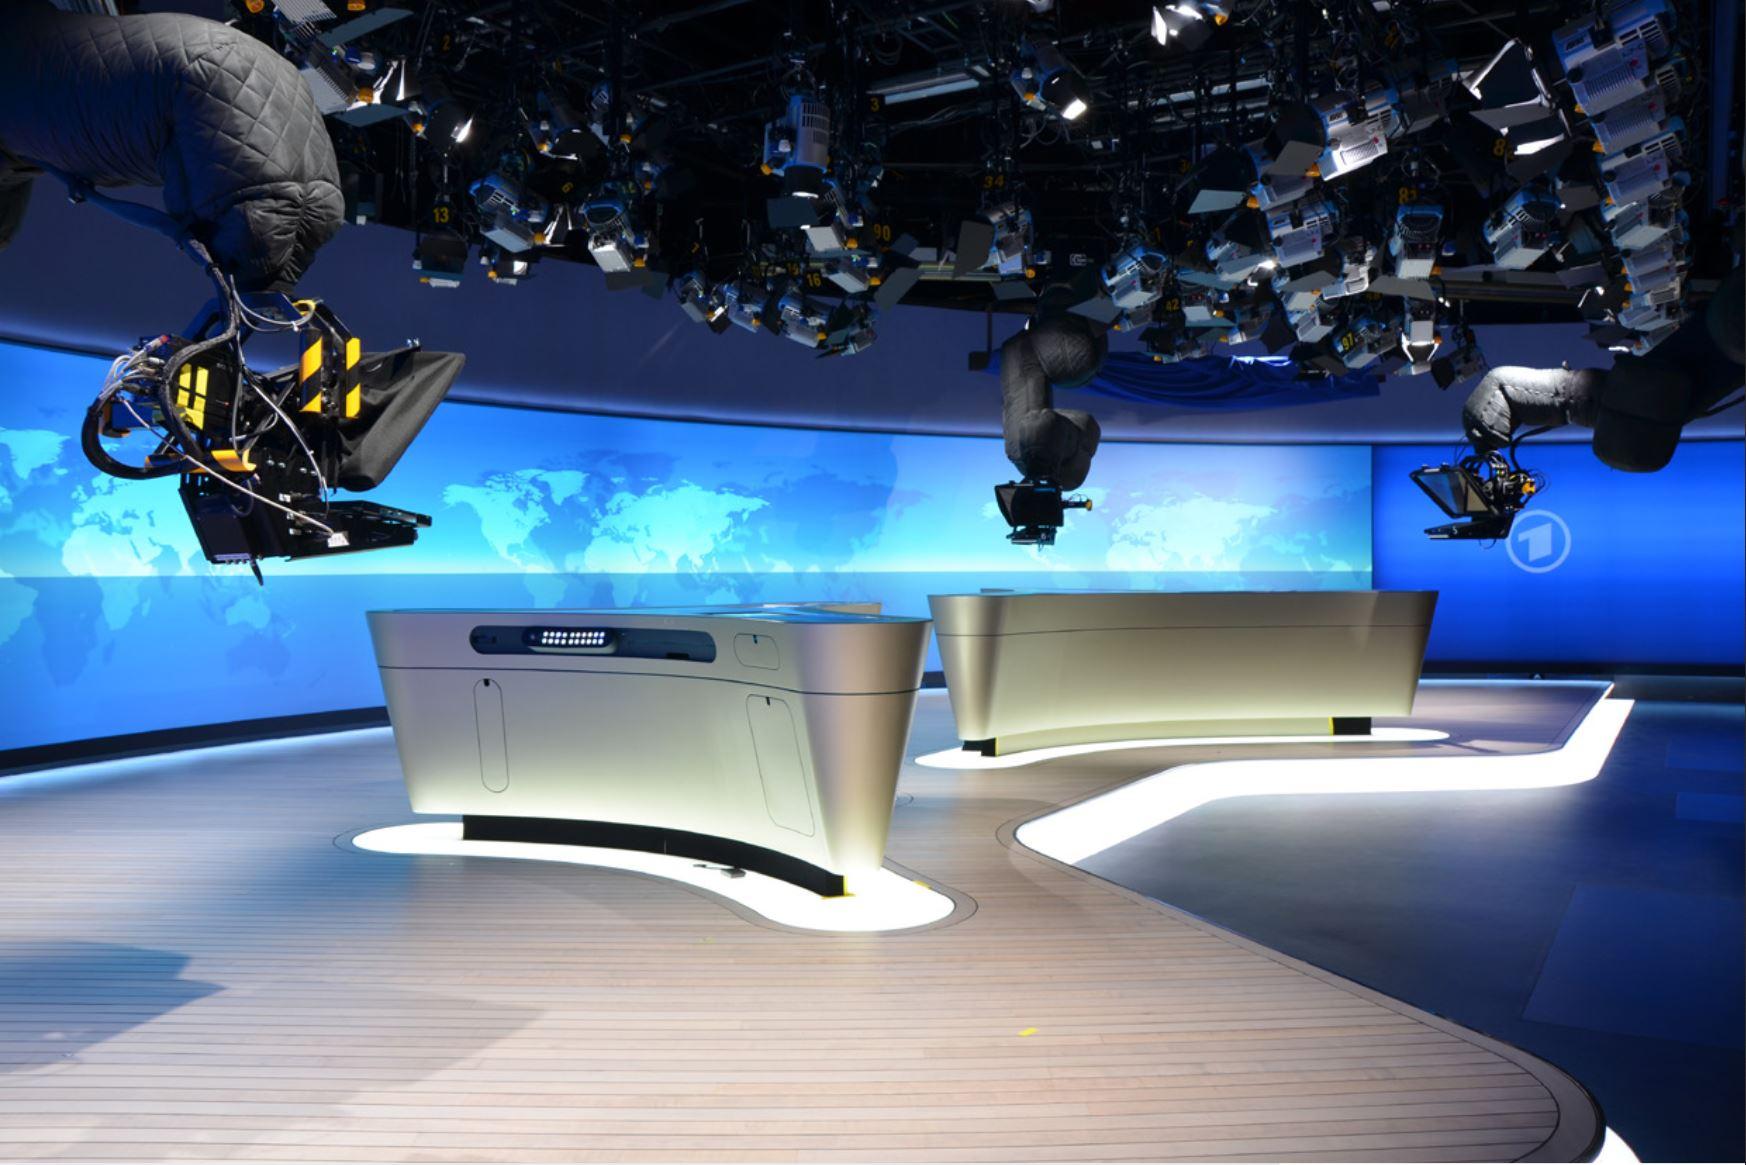 Galerie NDR Tagesschau Bild 2